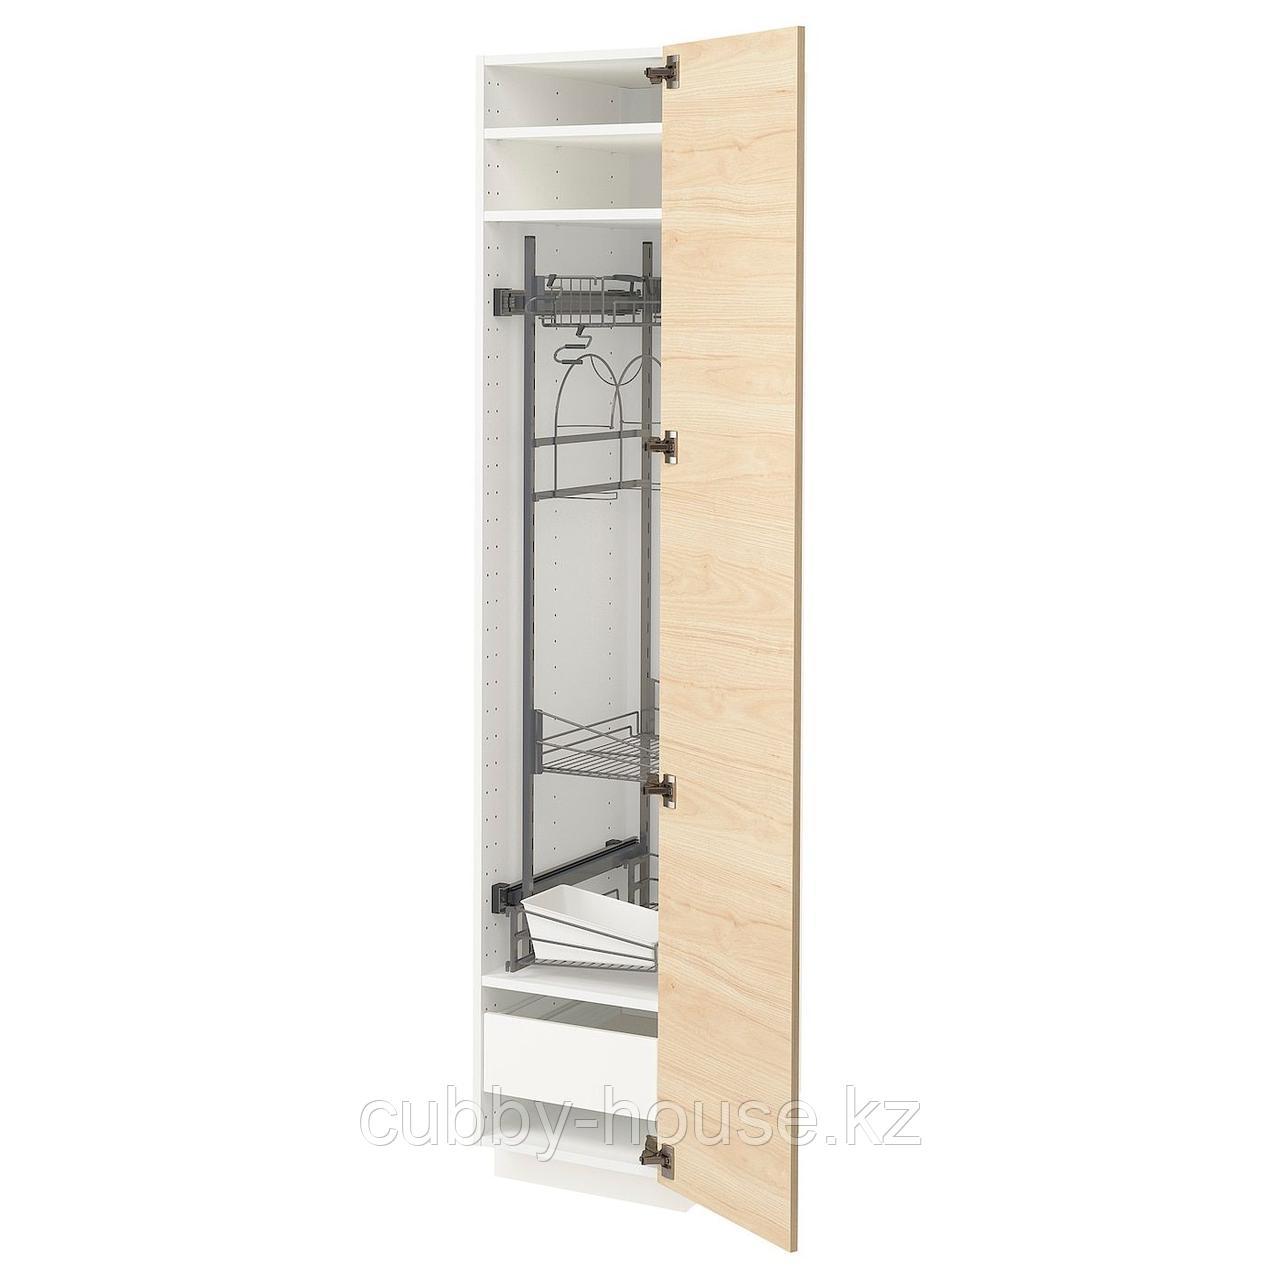 МЕТОД / МАКСИМЕРА Высокий шкаф с отд д/акс д/уборки, белый, Аскерсунд под светлый ясень, 40x60x200 см